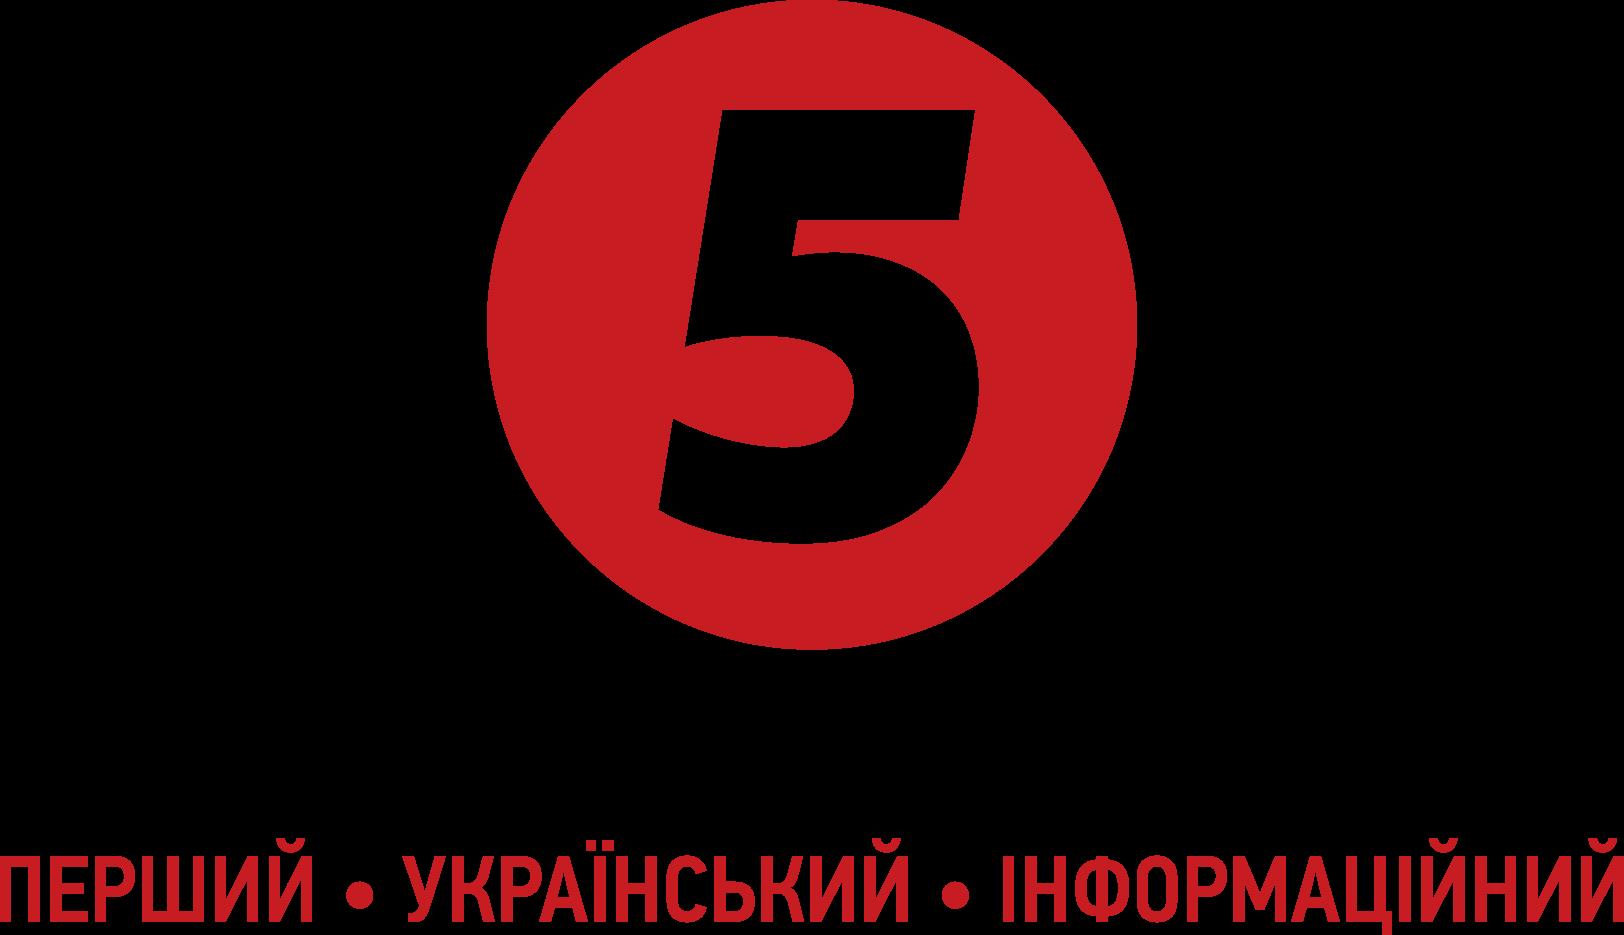 5tv_logo1_2013.png